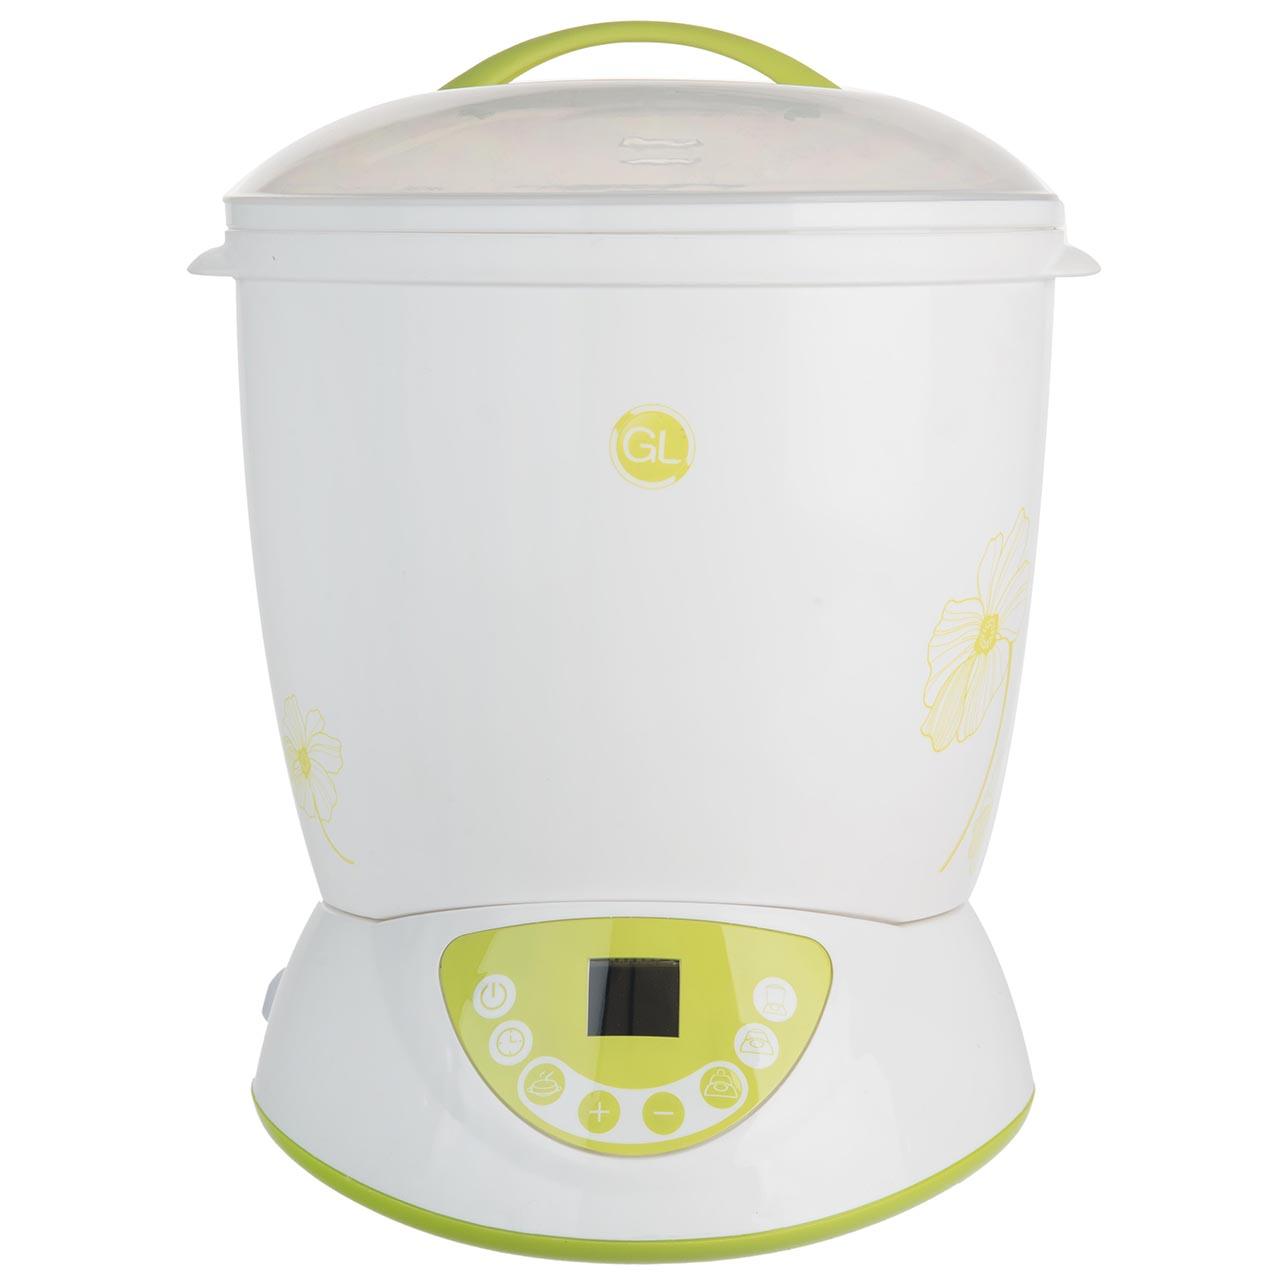 استریل و گرمکن شیشه شیر مدل GLX-4